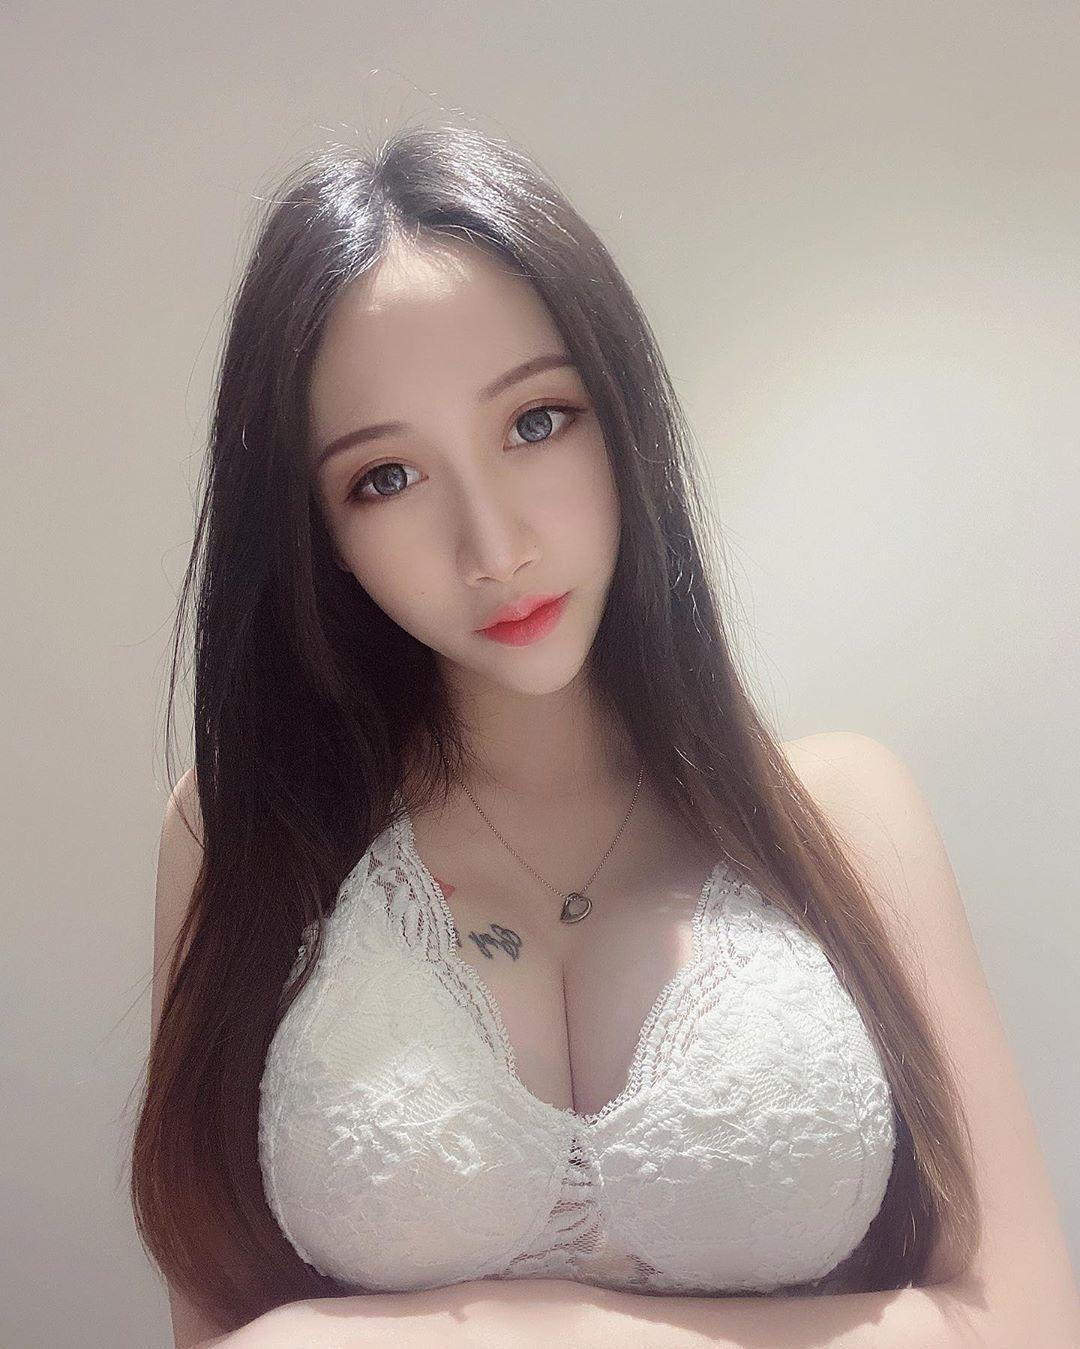 大胸妹子圆圆更衣室内白色蕾丝睡衣狂摆性感嫩体 养眼图片 第6张